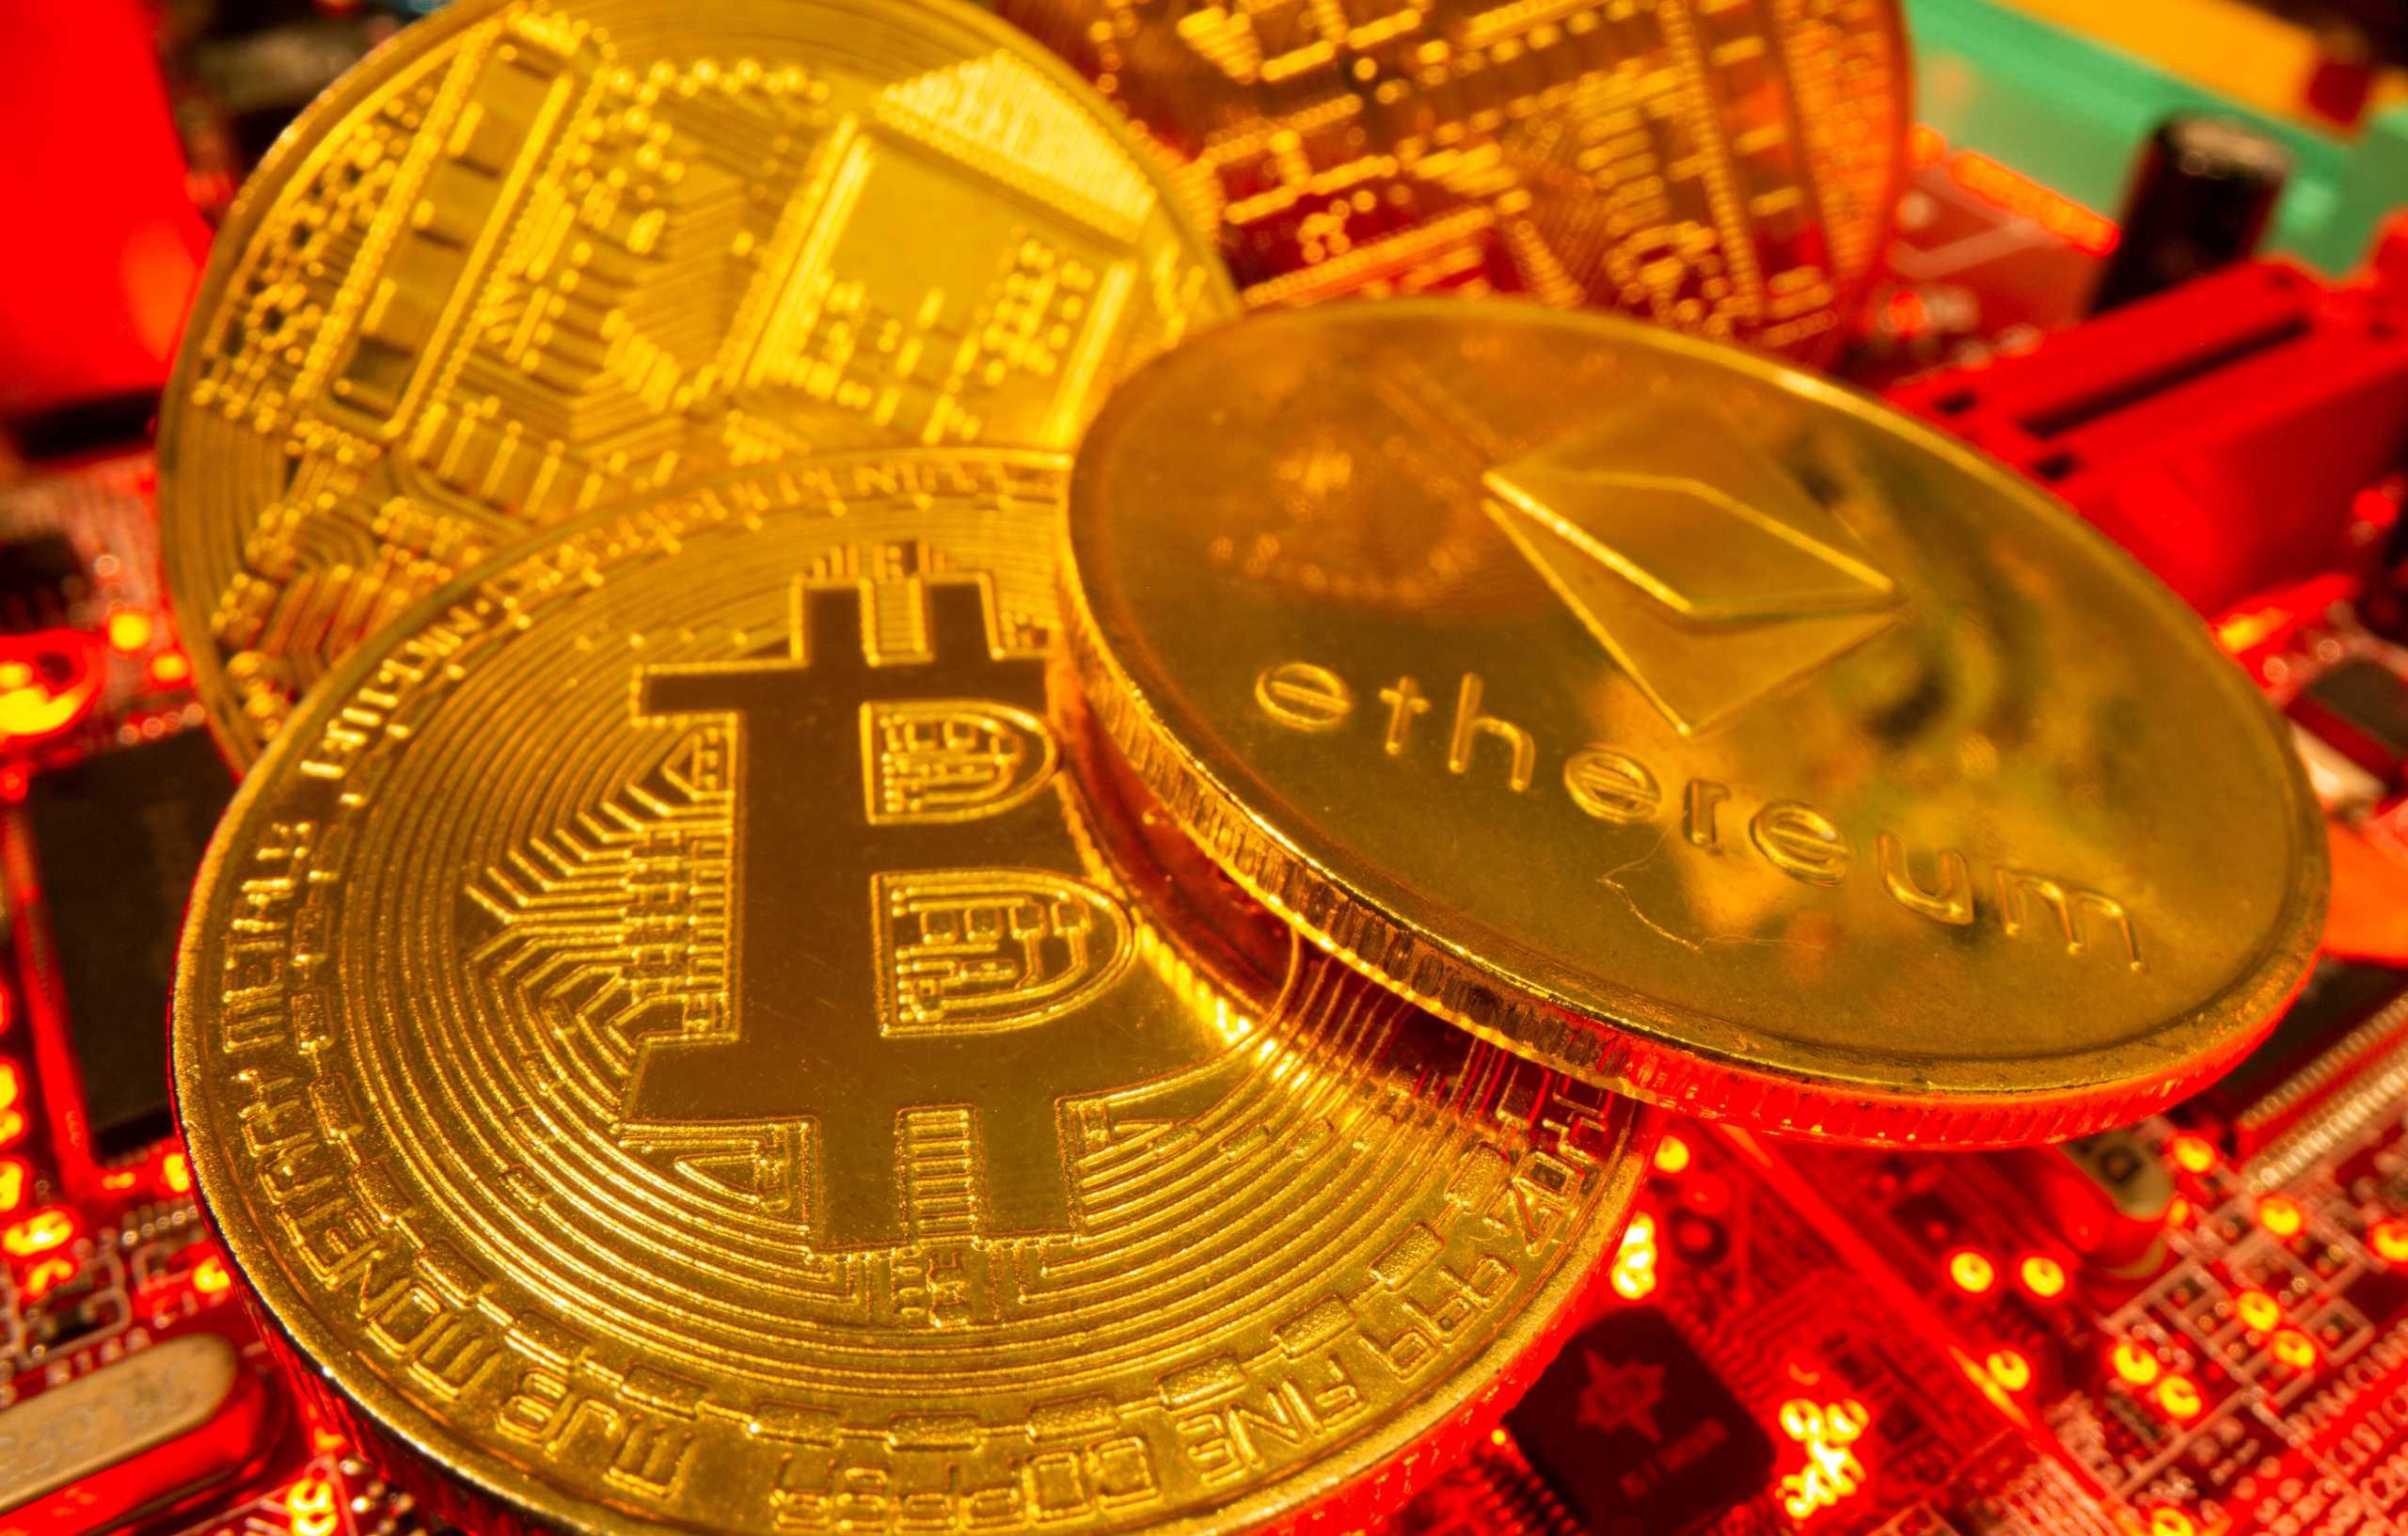 Βόλος: Πίστευε ότι επενδύει σε bitcoin αλλά έκανε λάθος – Πώς έκαναν φτερά όλες οι οικονομίες του